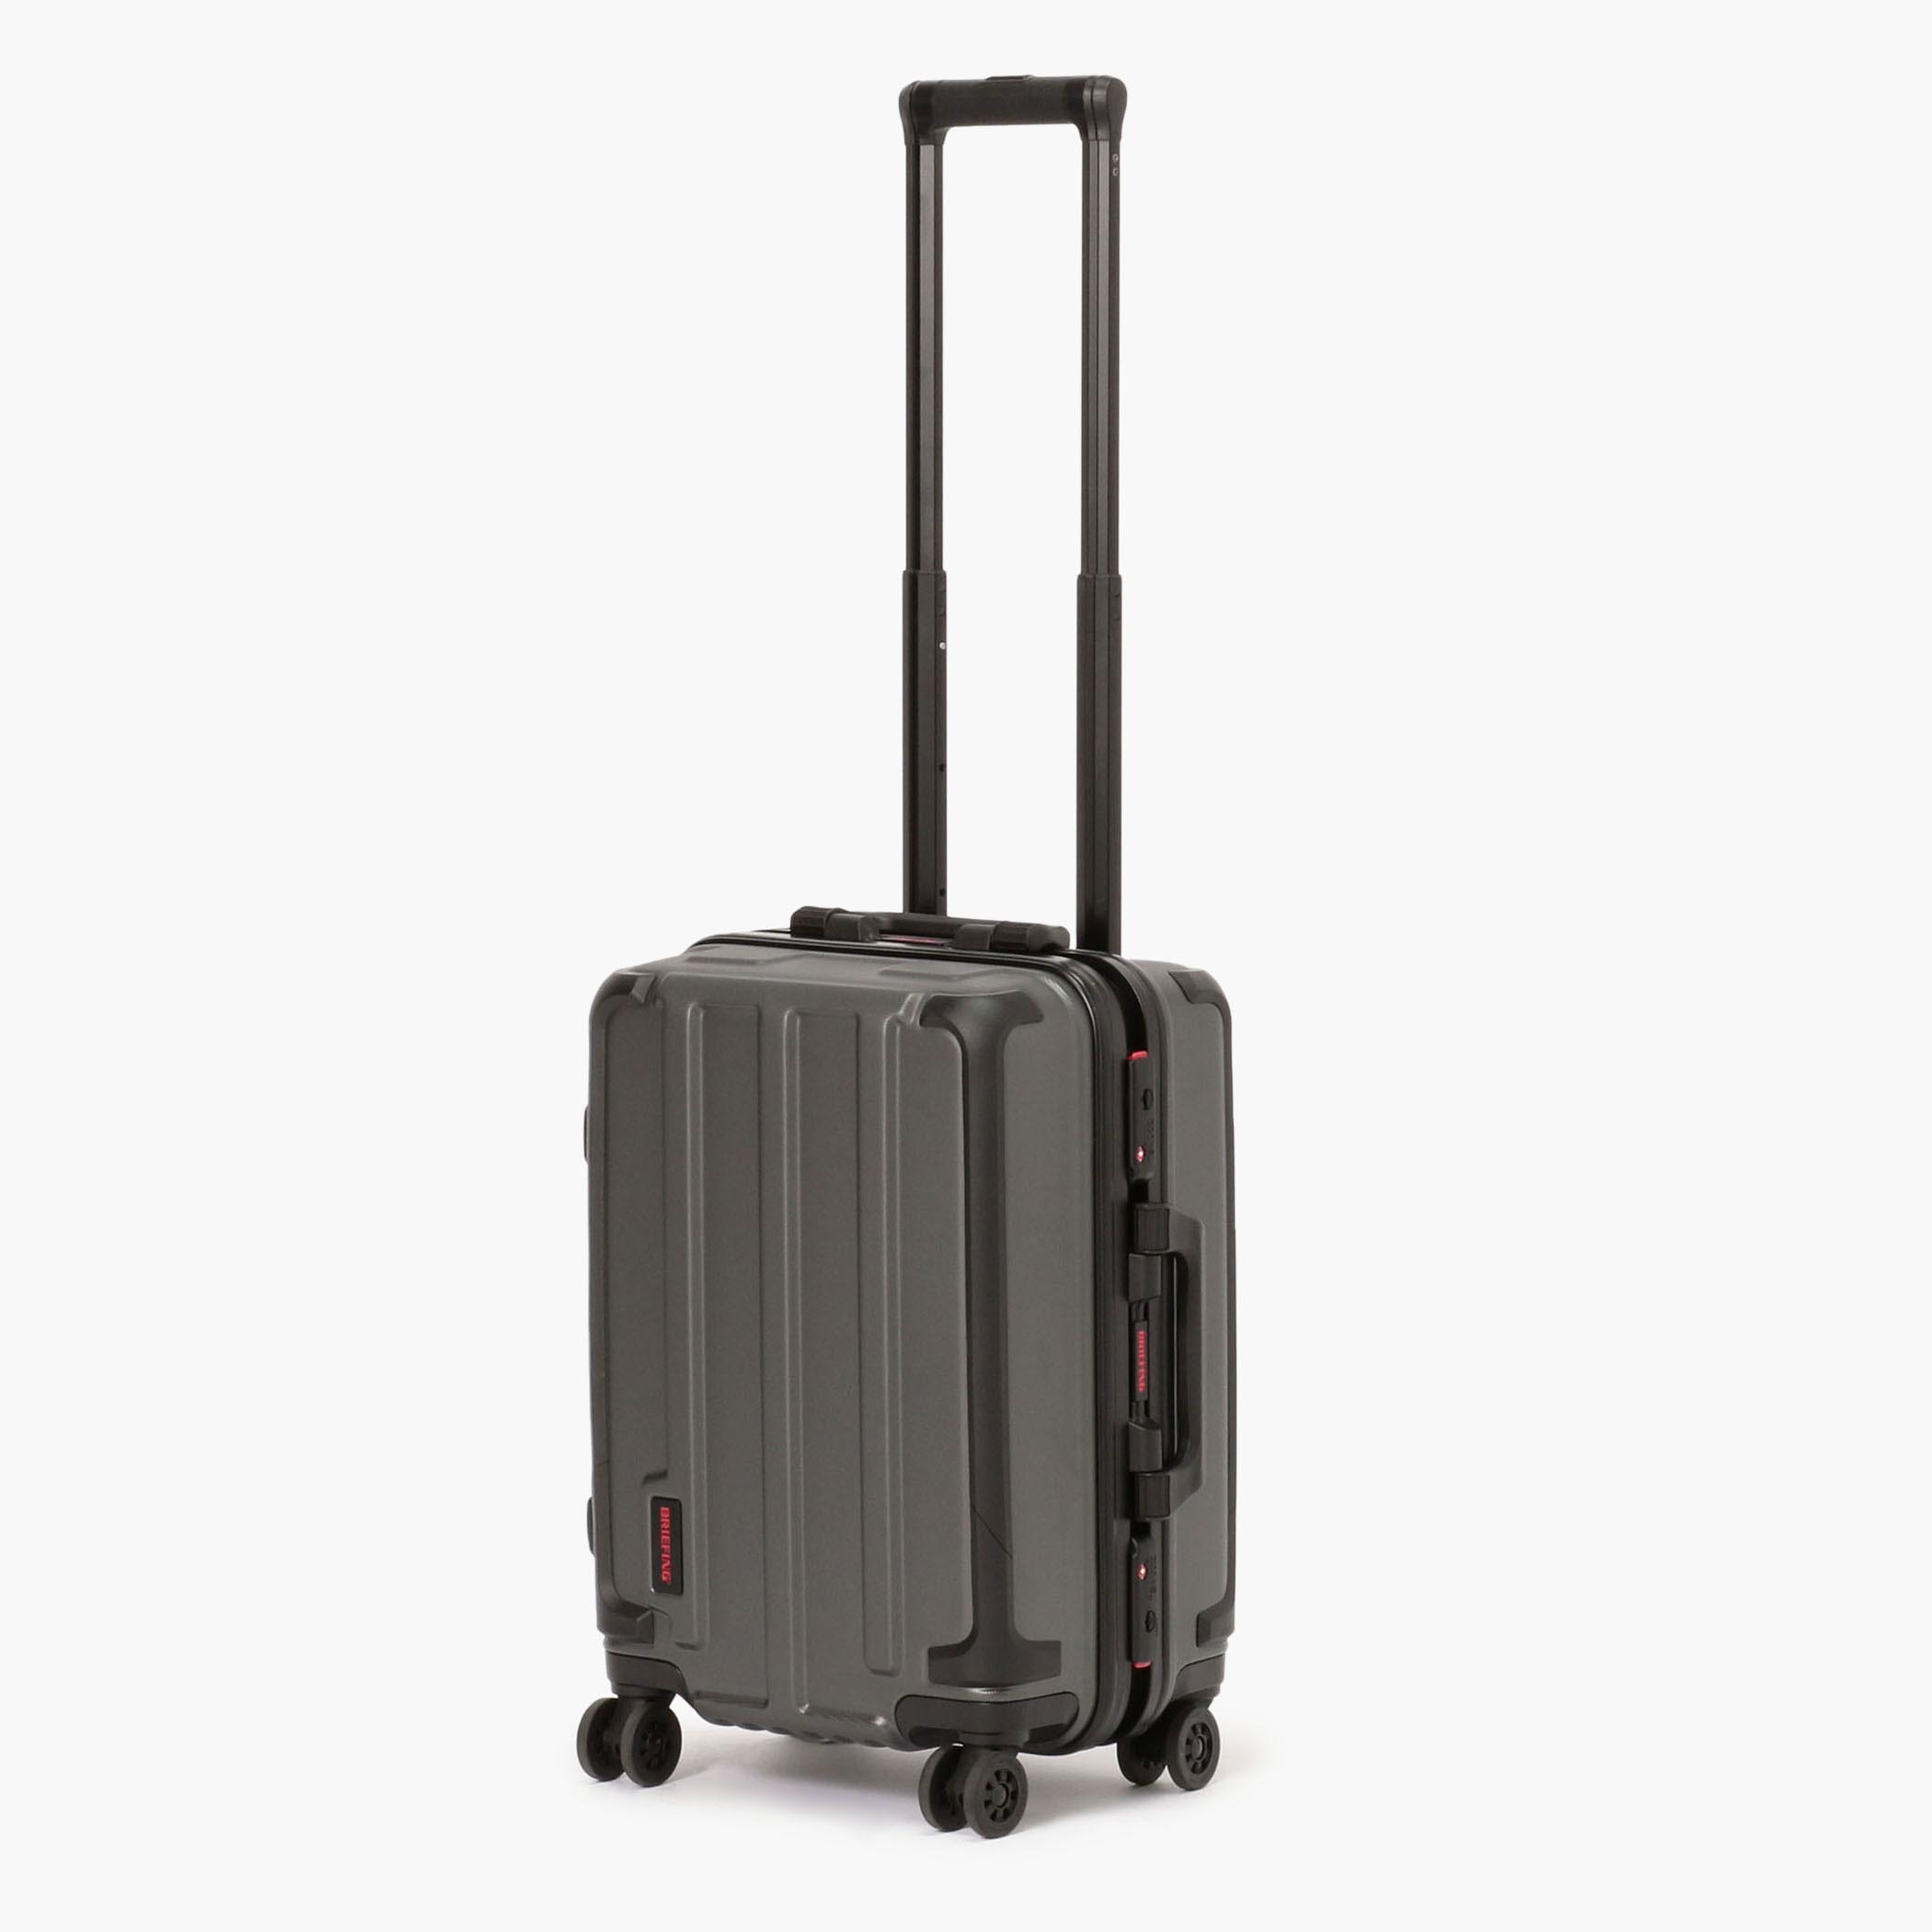 [ブリーフィング]キャリーケースH-35 HD(35L) グレー